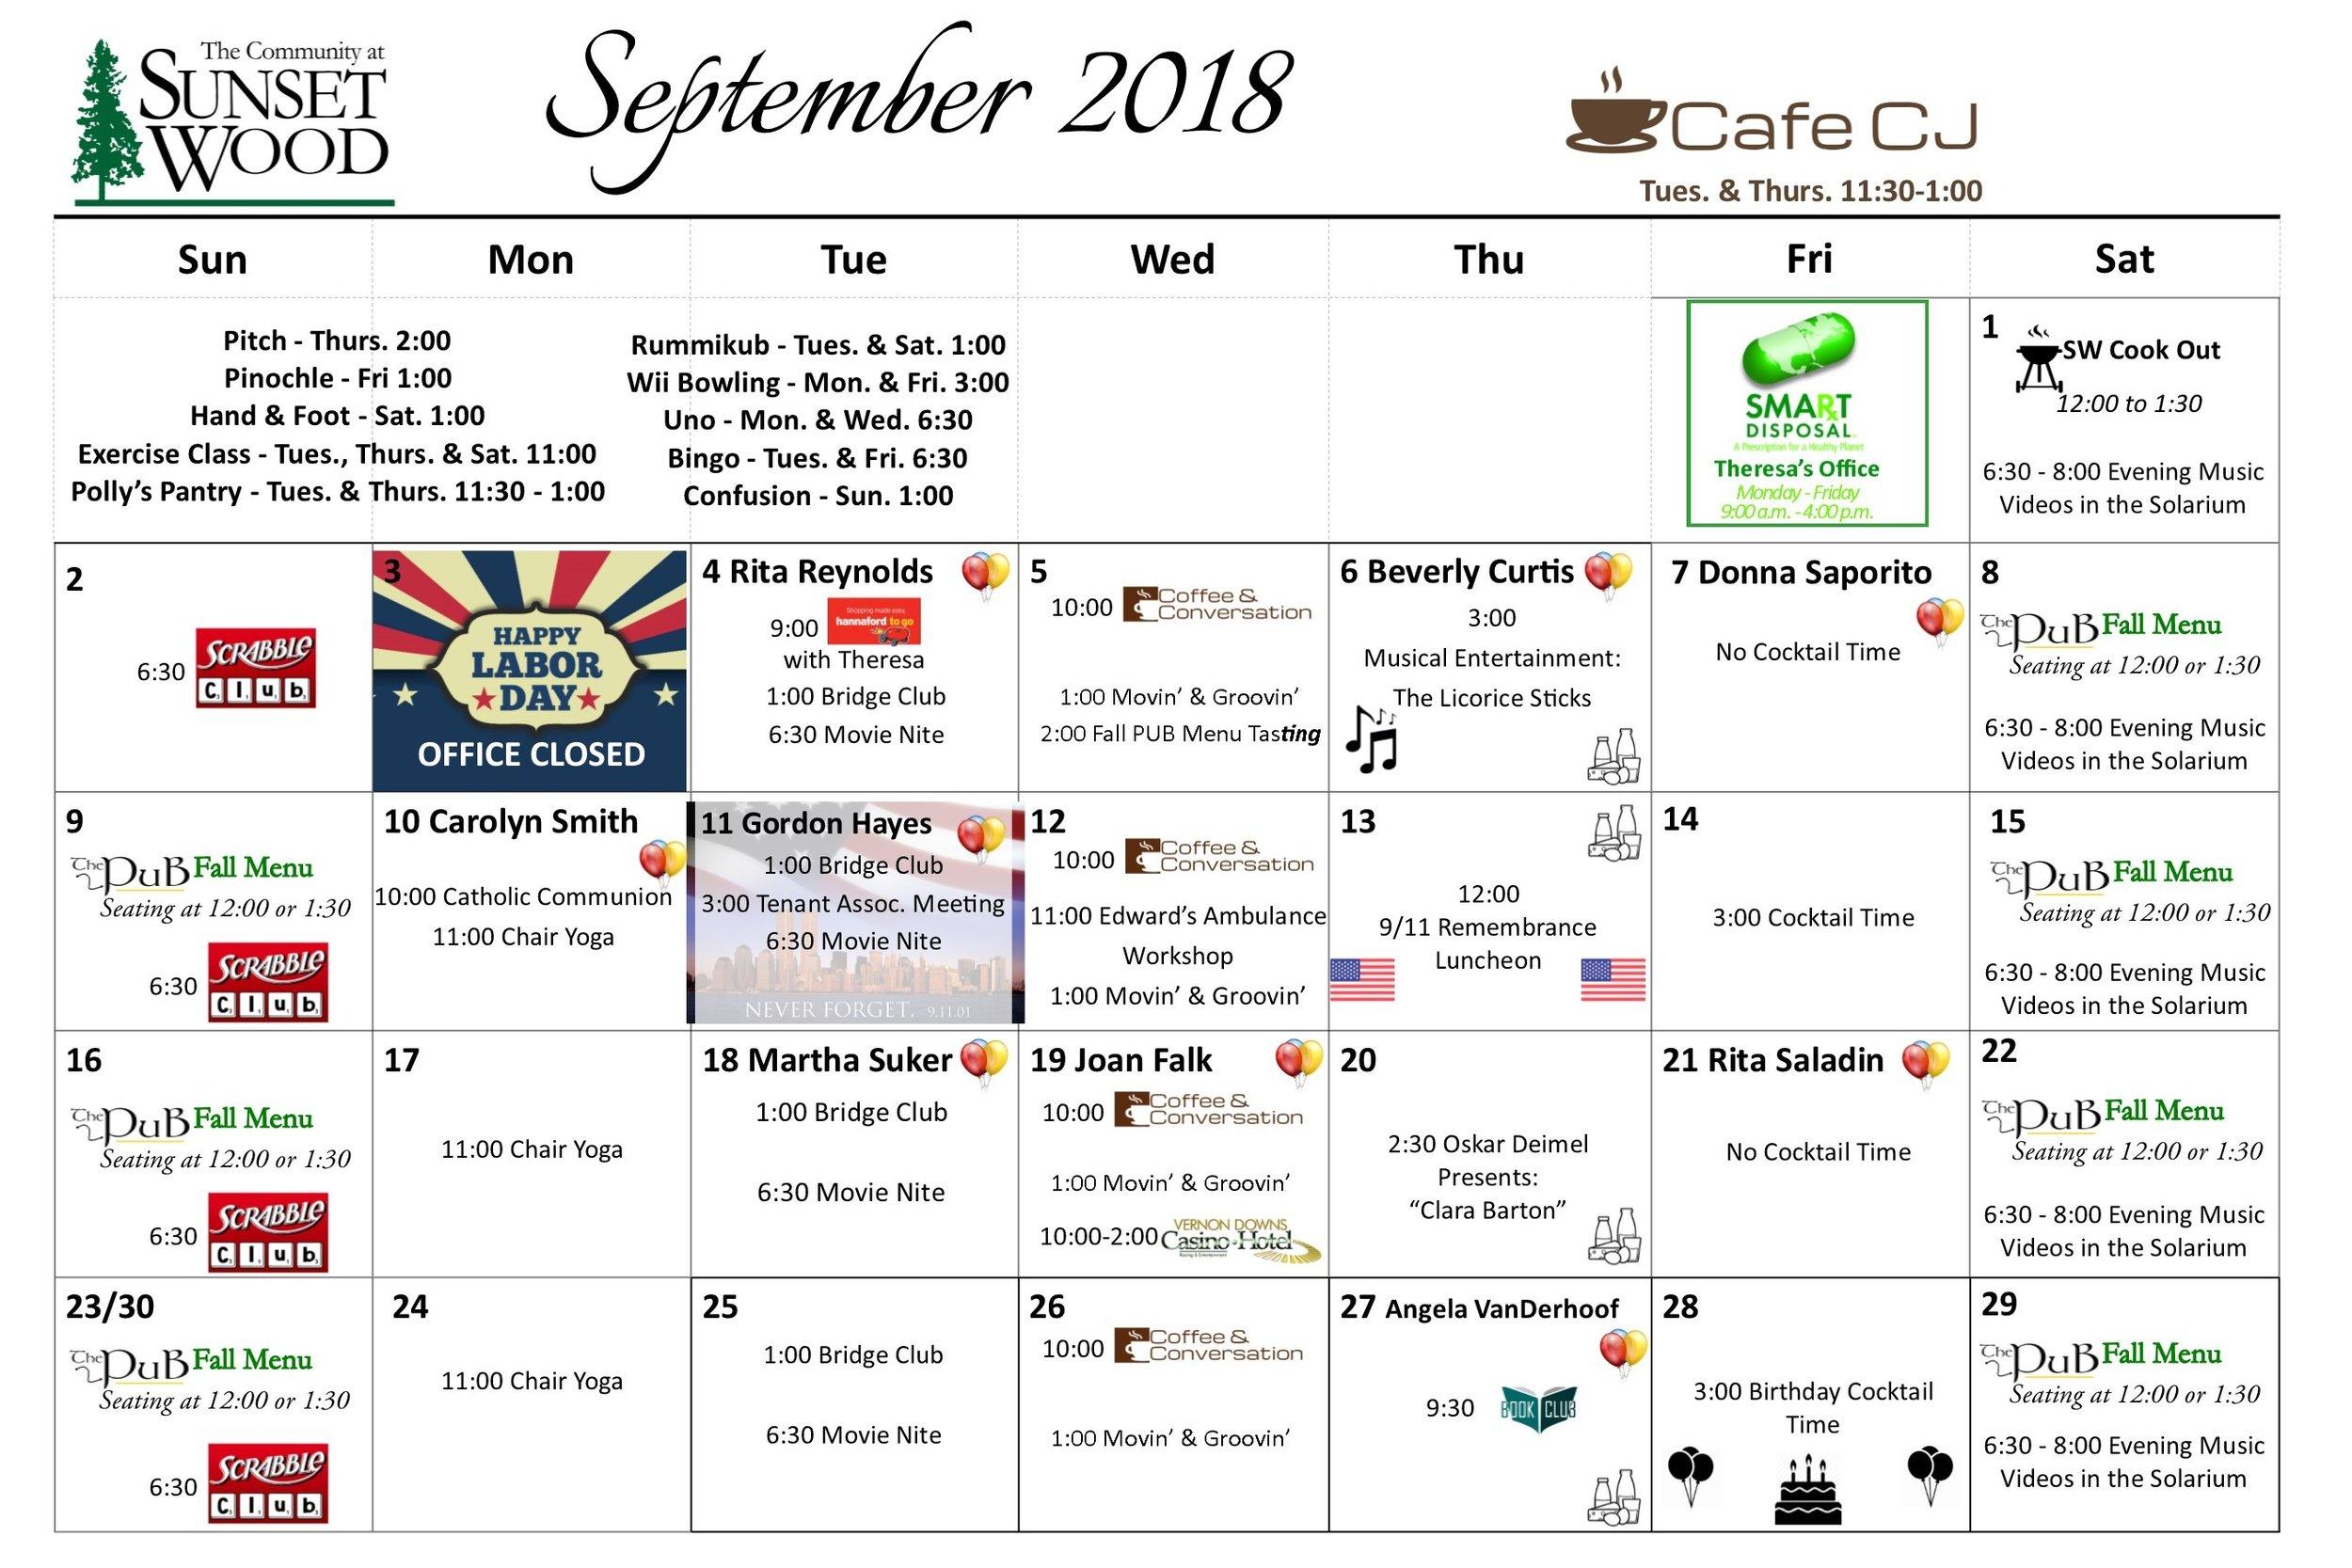 September Gazette 2018 - Calendar.jpg